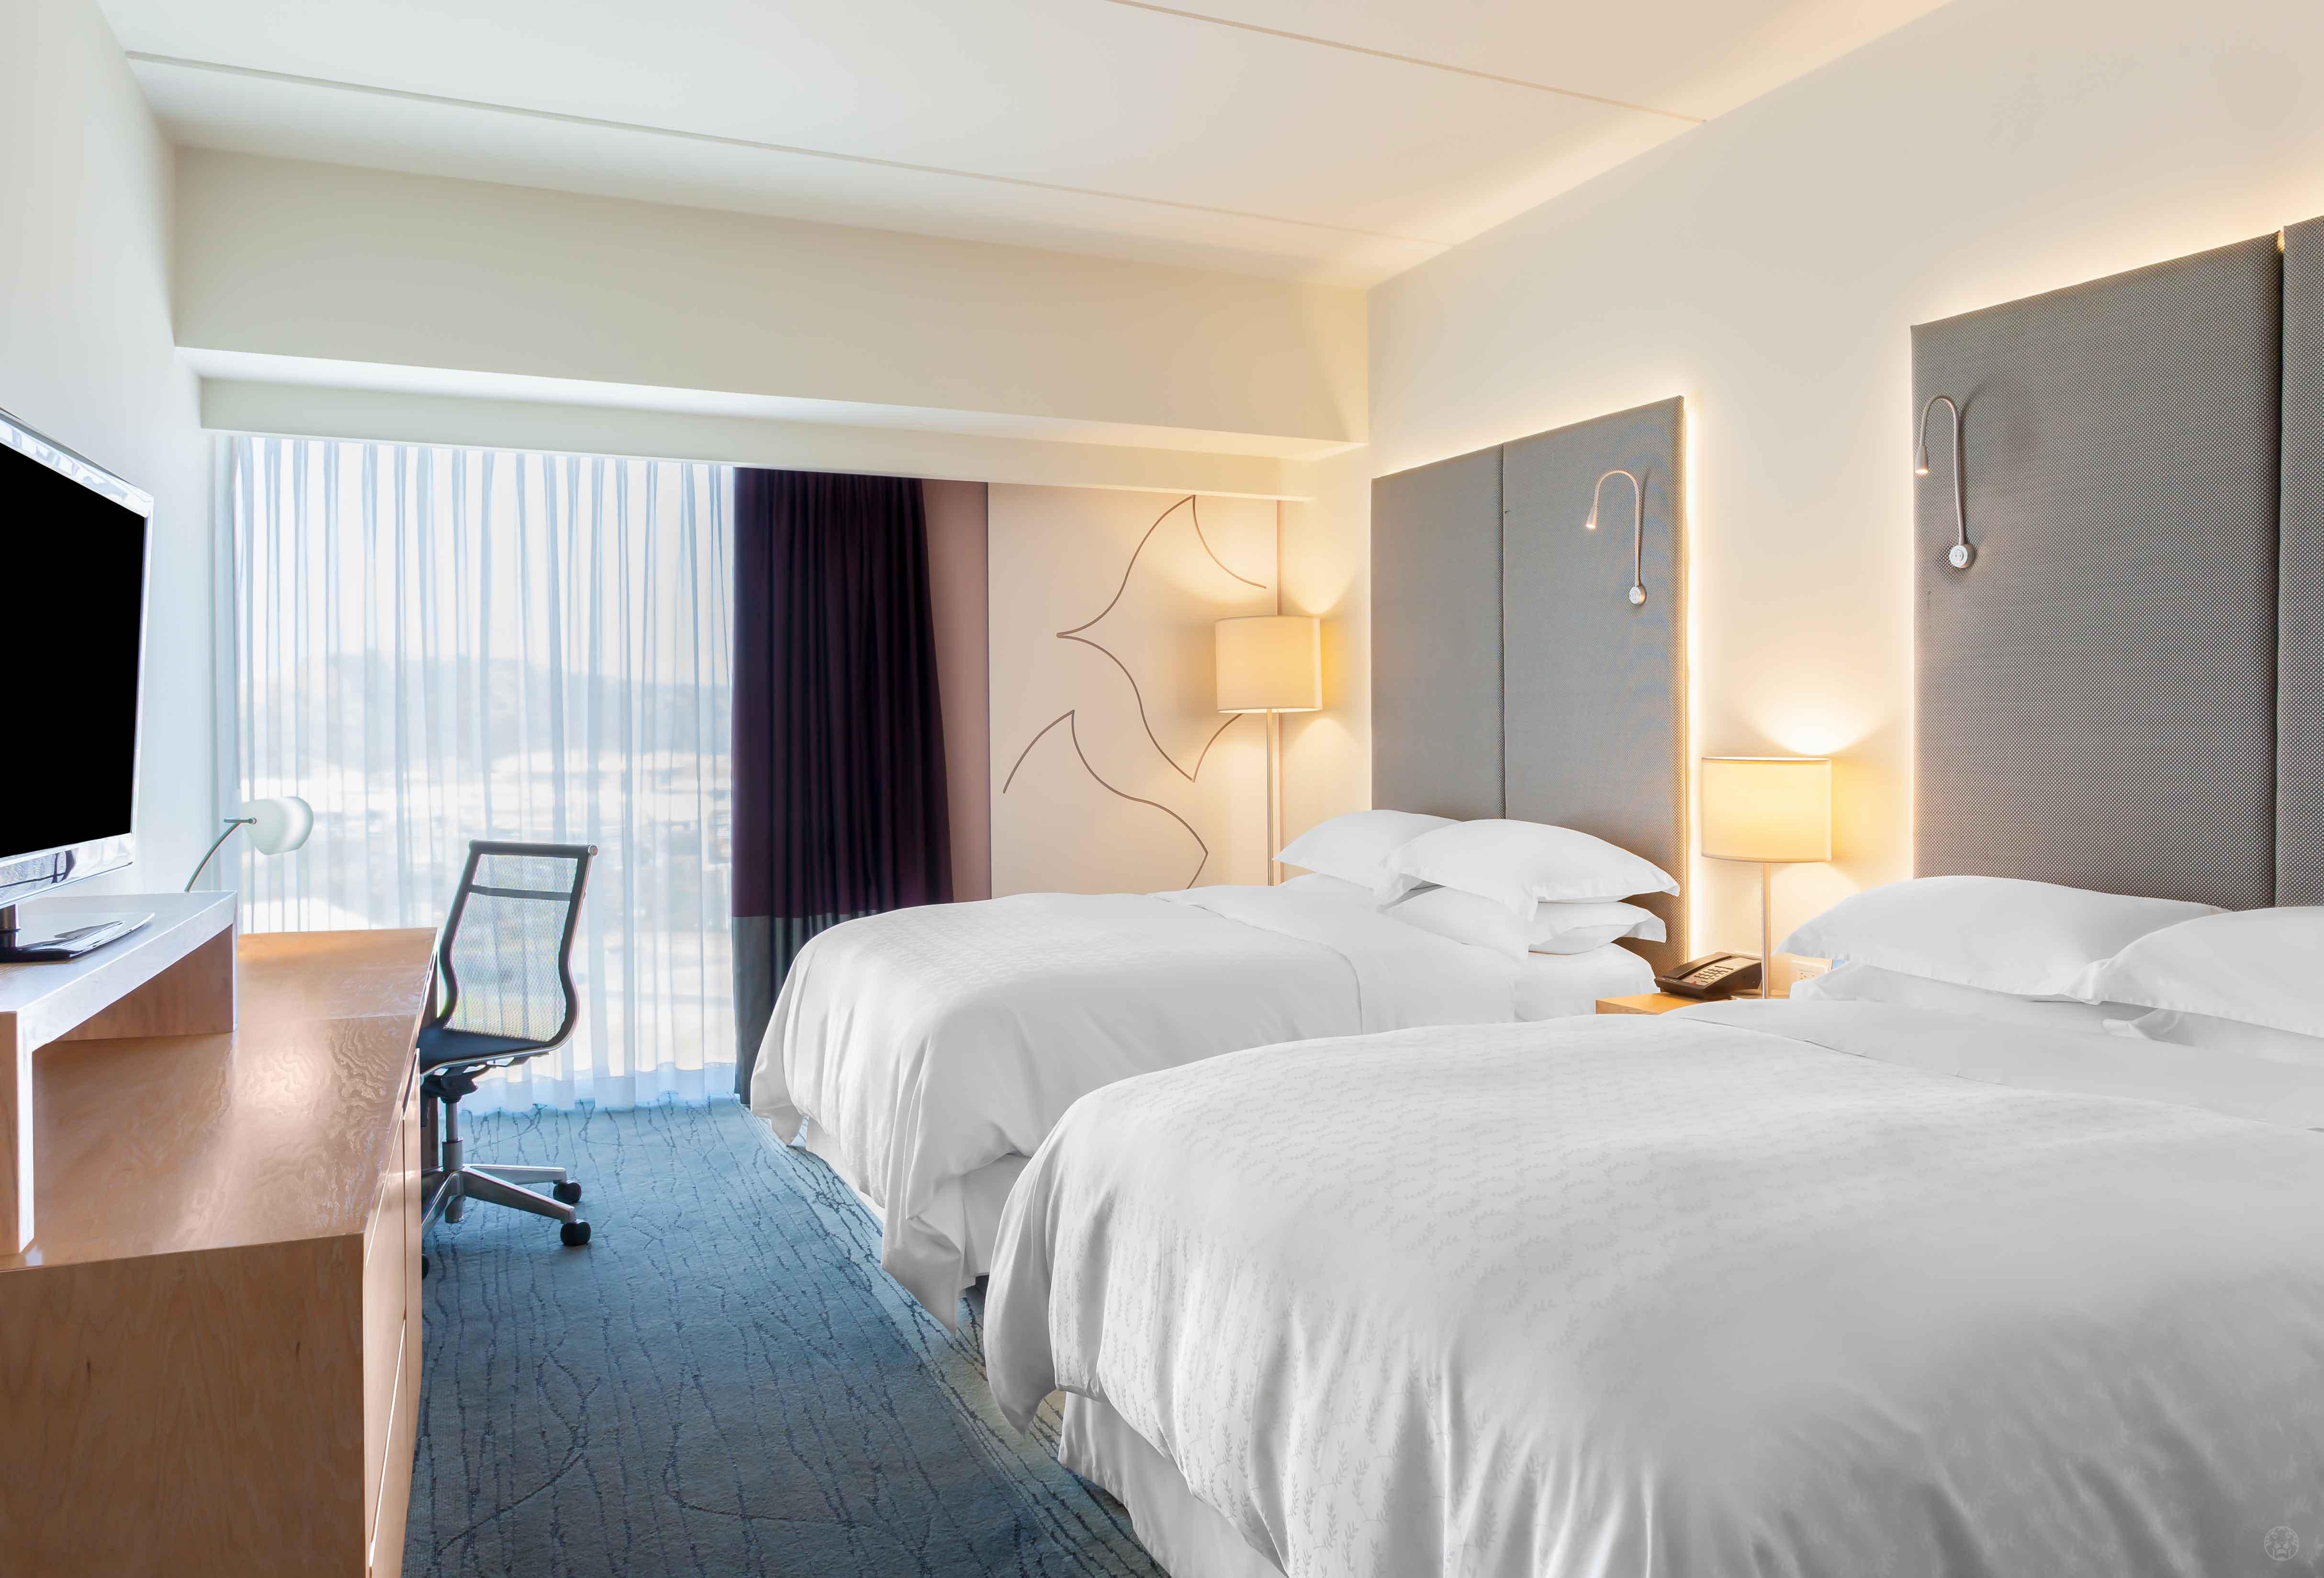 Rooms Sheraton San Jose Hotel San Jose Ghl Hotels